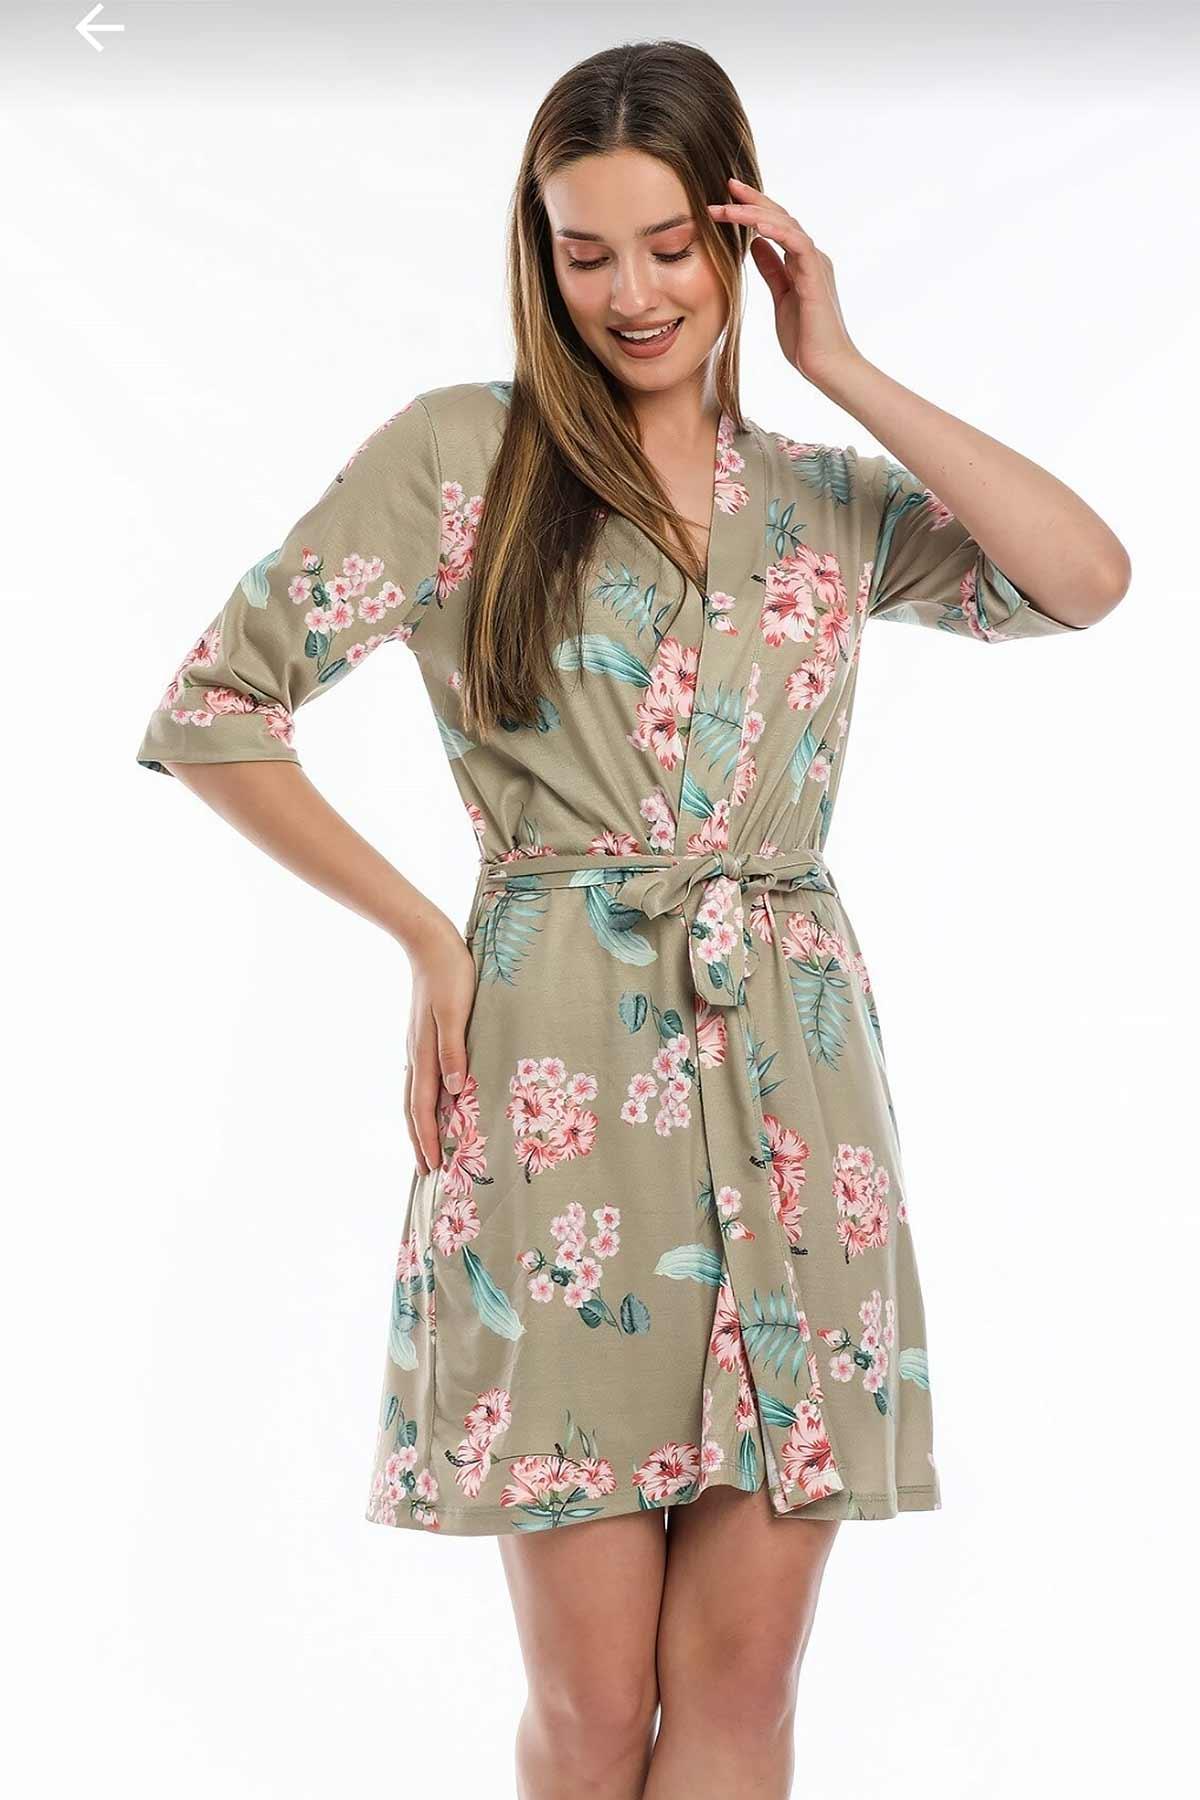 ÇeyizeDairHerşey - Yeşil çiçekli sabahlıklı şortlu 5 li süprem penye pijama seti 5702 (1)